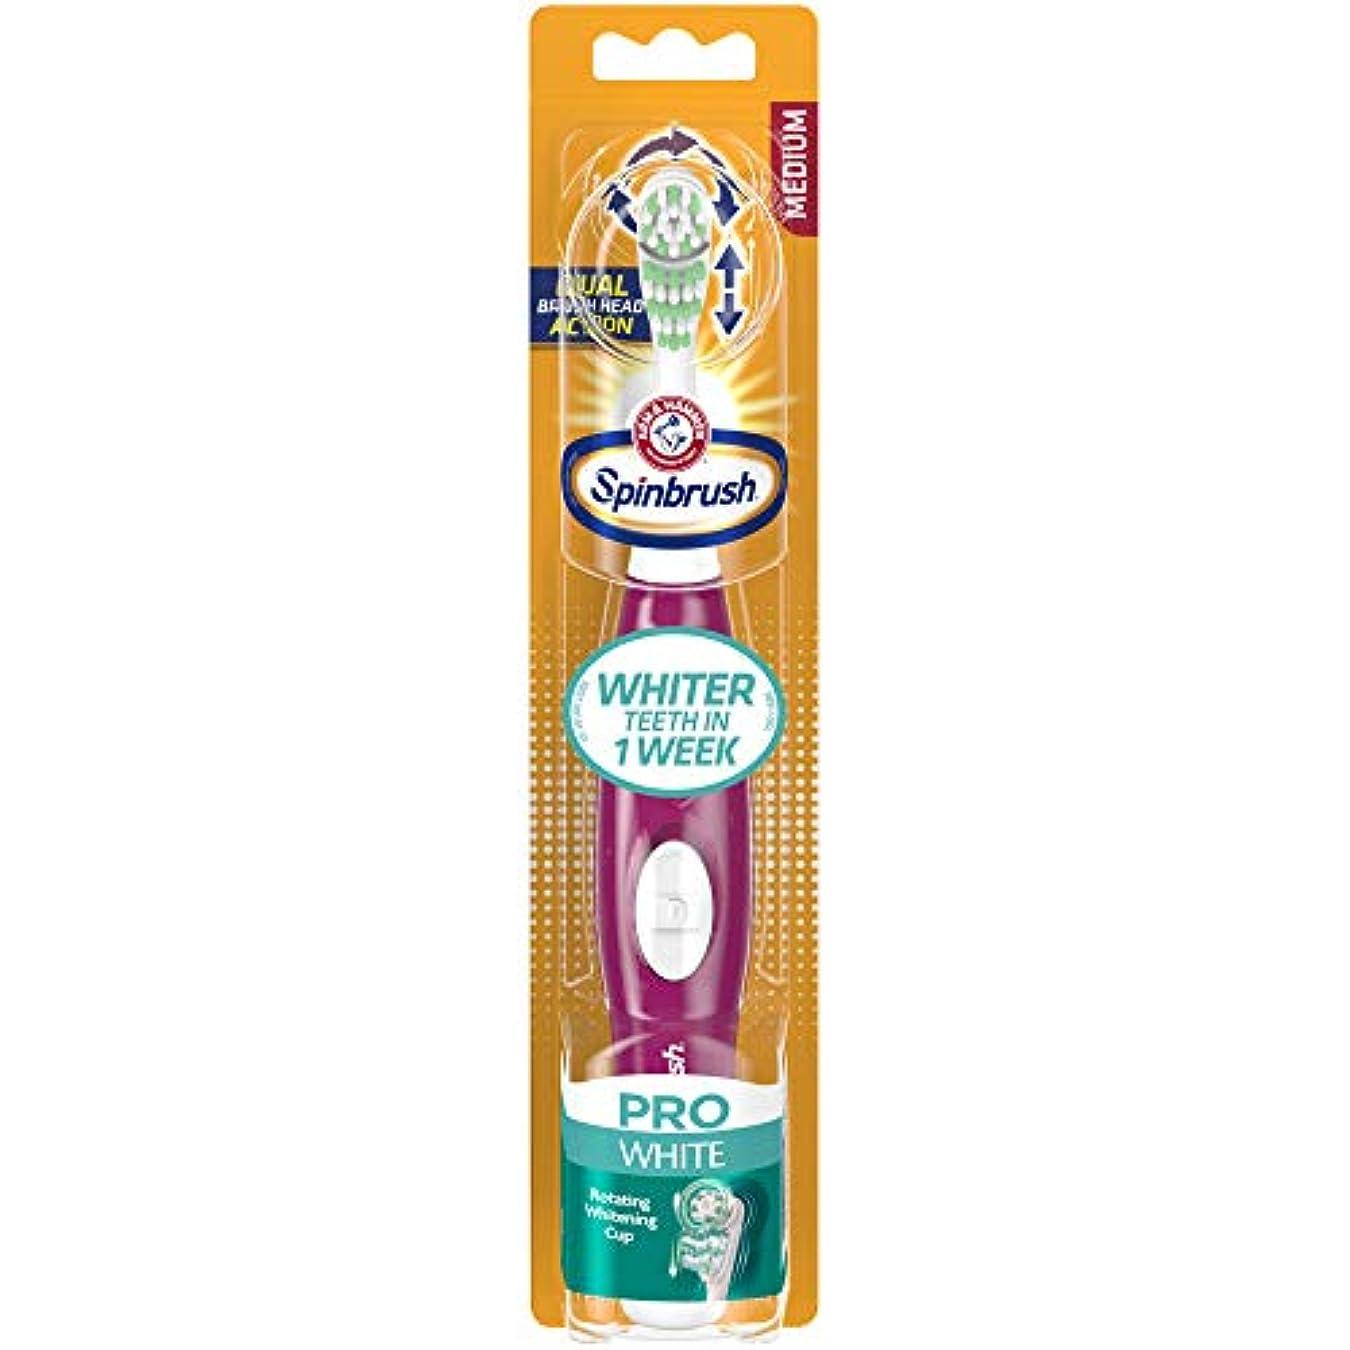 ブルゴーニュルビーパスタSpinbrush プロシリーズウルトラホワイト歯ブラシ、中1 Eaは 中